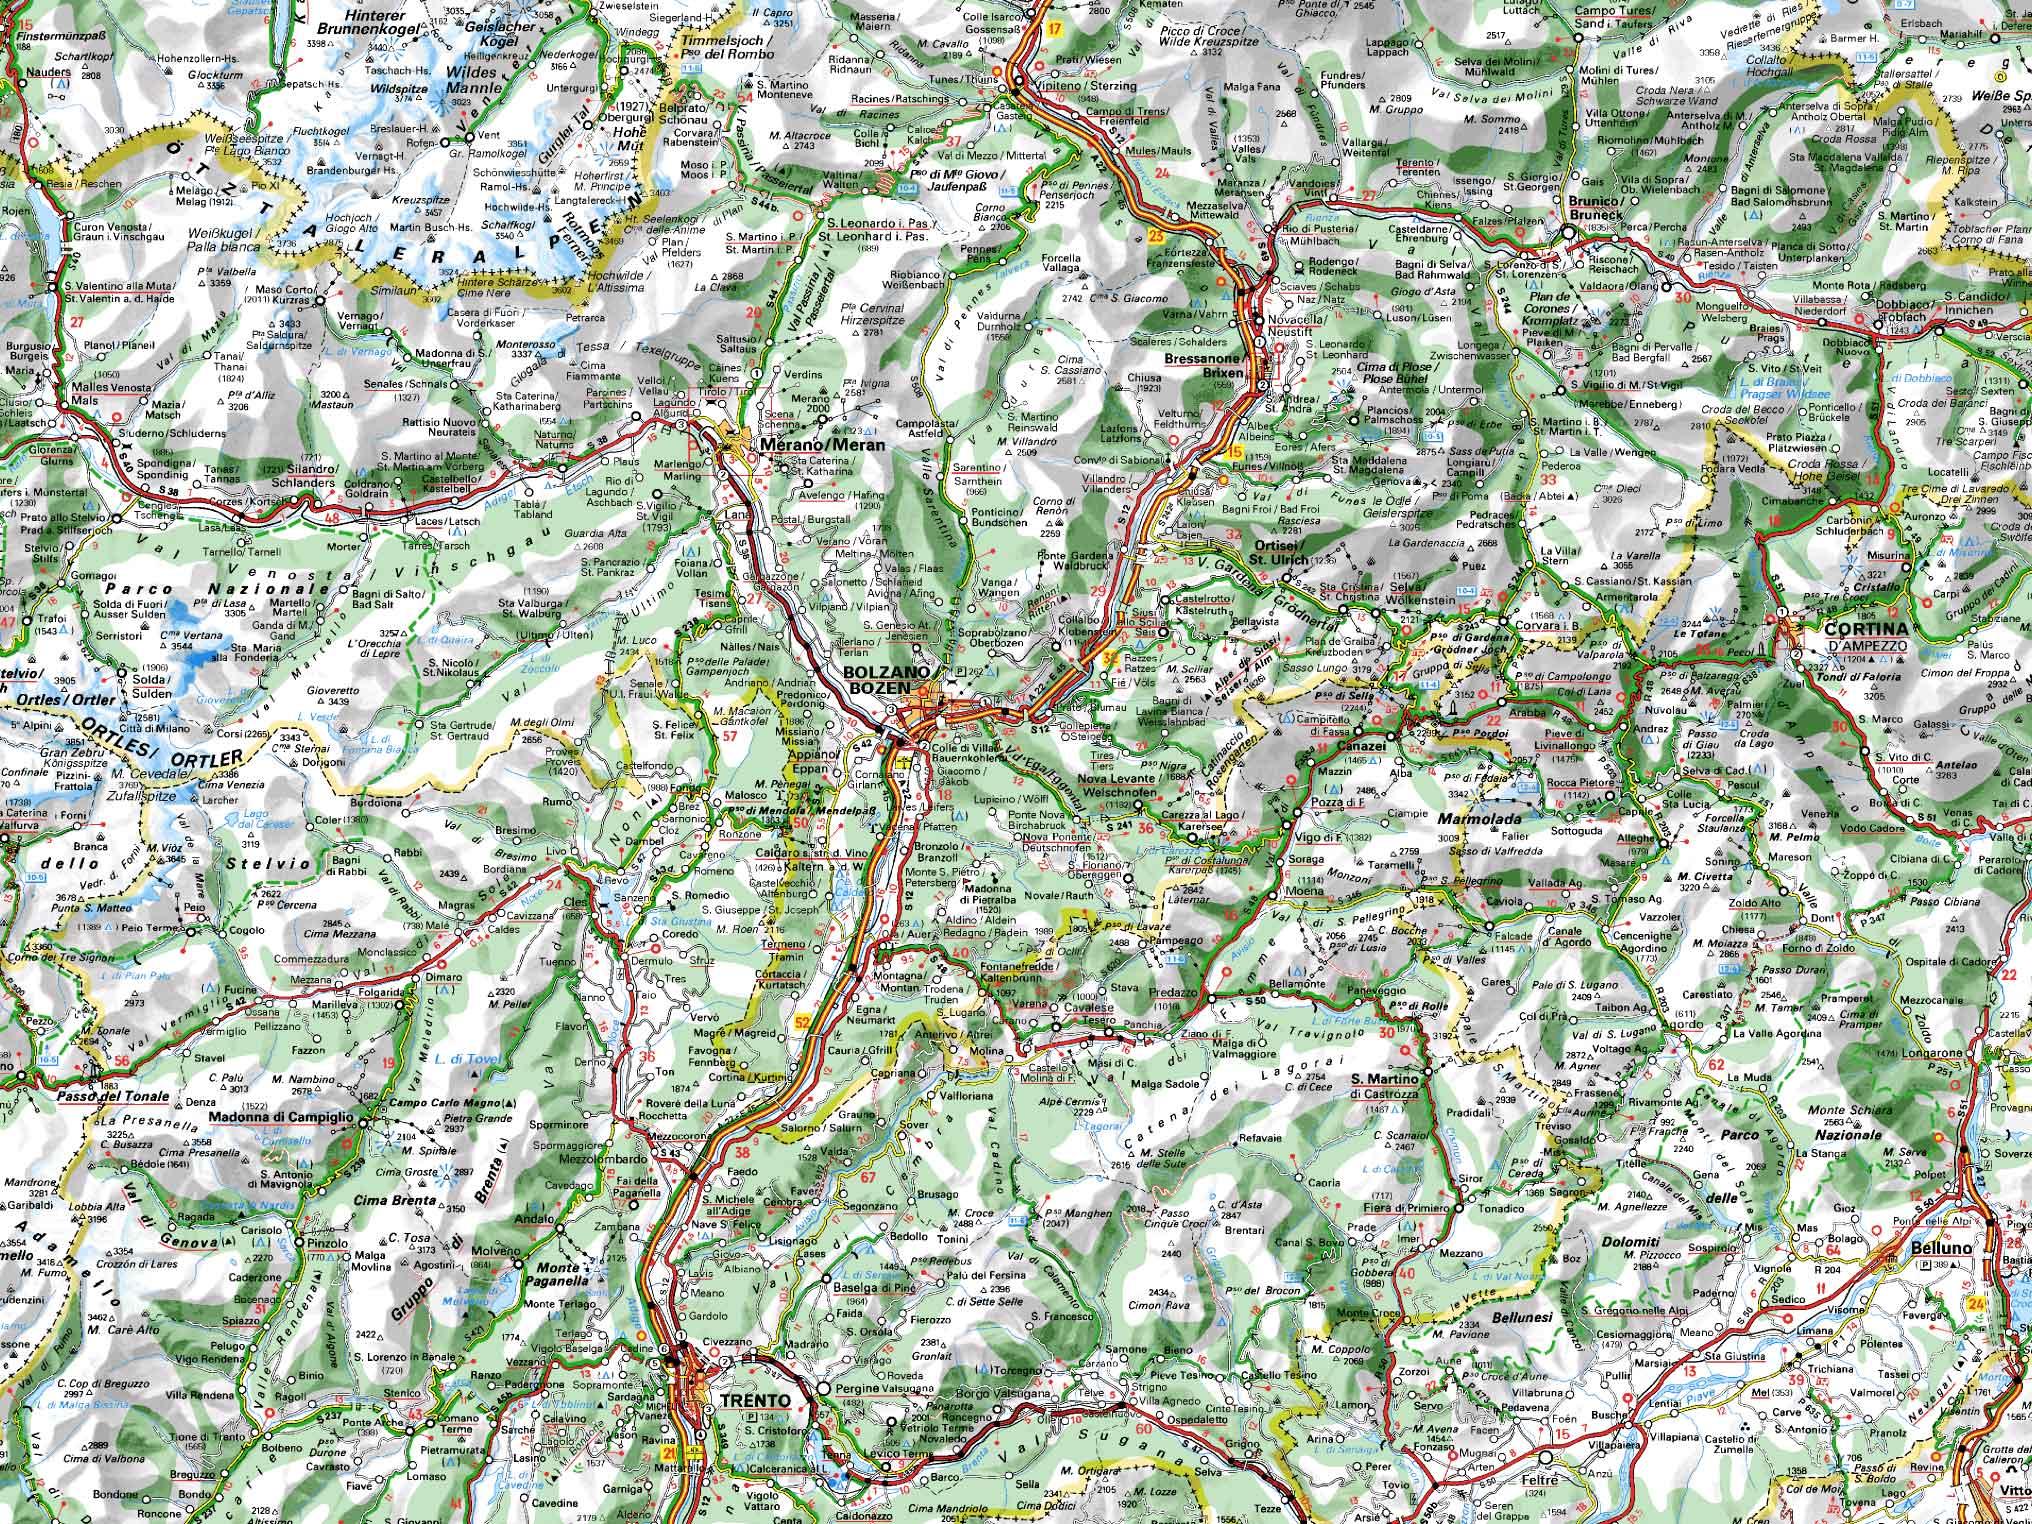 Valle Aurina Cartina Geografica.I Viaggi In Trentino Di Una Coppia Di Motociclisti Due Cuori Una Capanna